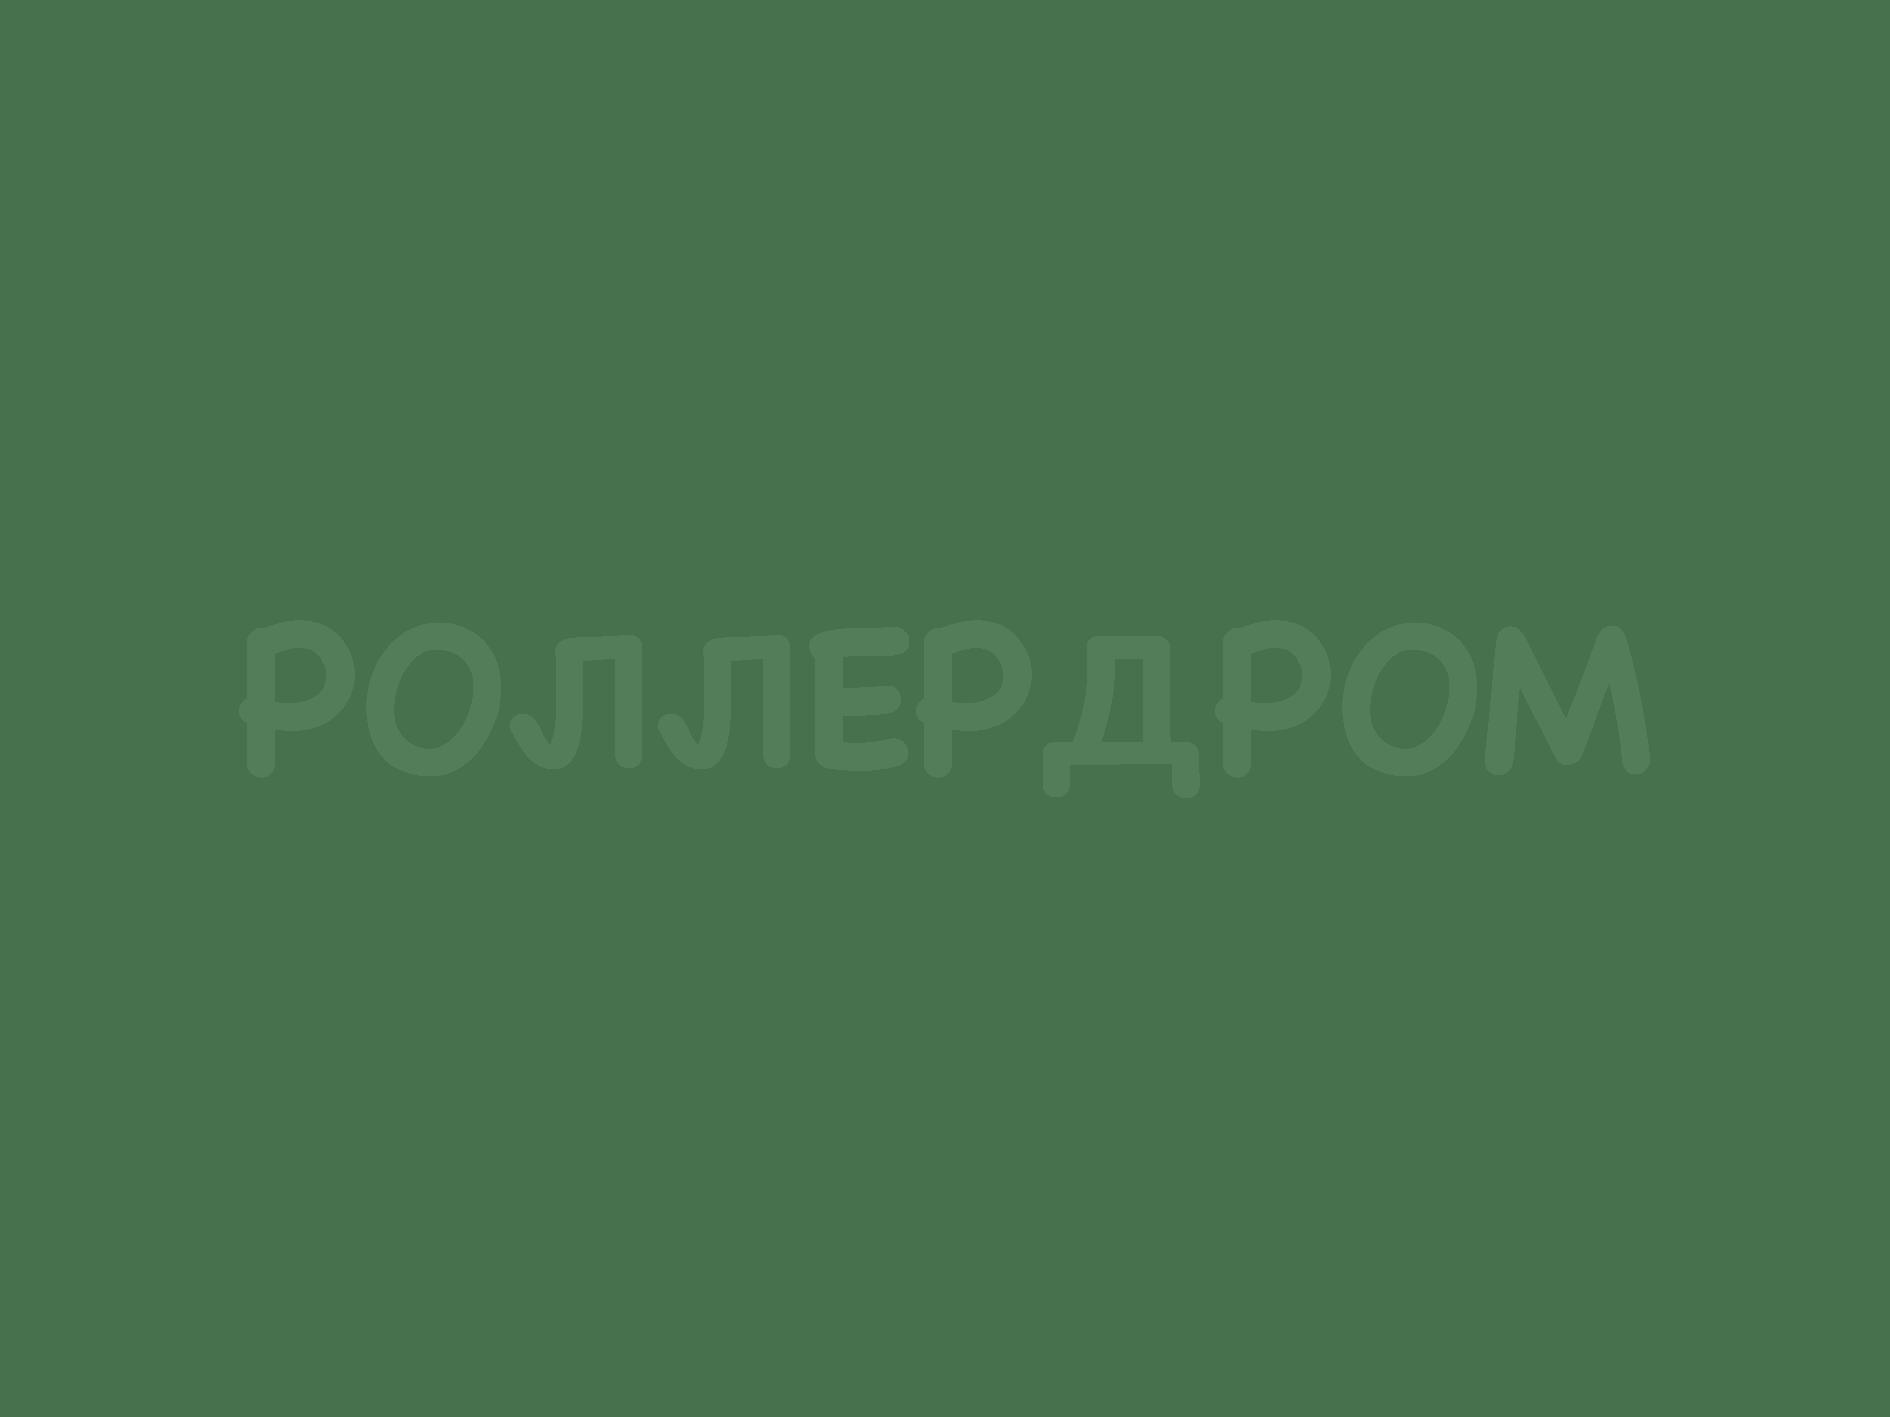 Роллердром - kiev.karavan.com.ua